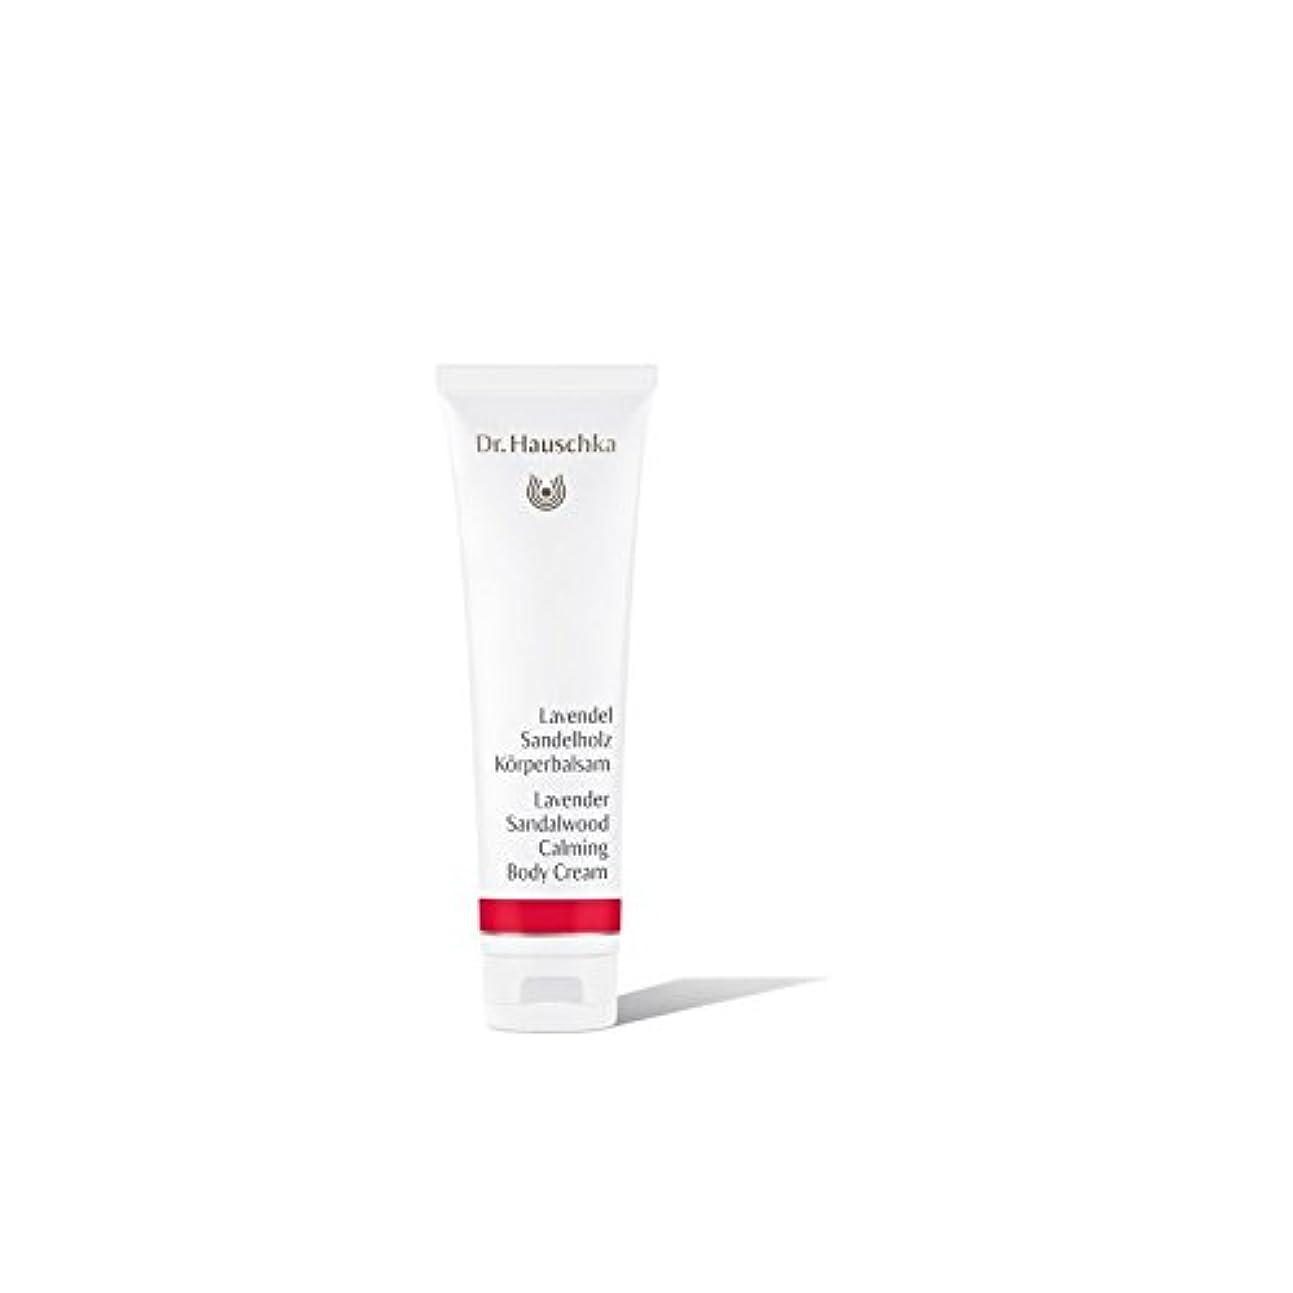 側面レーダー不規則性ハウシュカラベンダー白檀心を落ち着かせるボディクリーム(145ミリリットル) x2 - Dr. Hauschka Lavender Sandalwood Calming Body Cream (145ml) (Pack of 2) [並行輸入品]